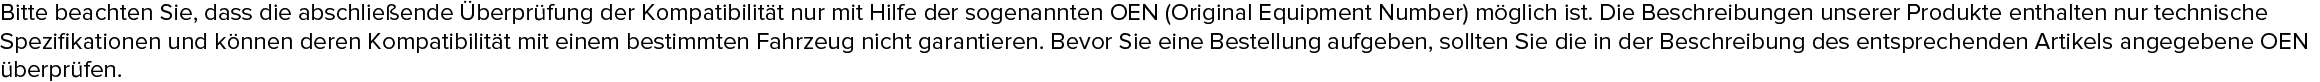 MAPCO 46751179, 55230822, SMD 360935, VA30A4000103, VA30A4000105 Ölfilter